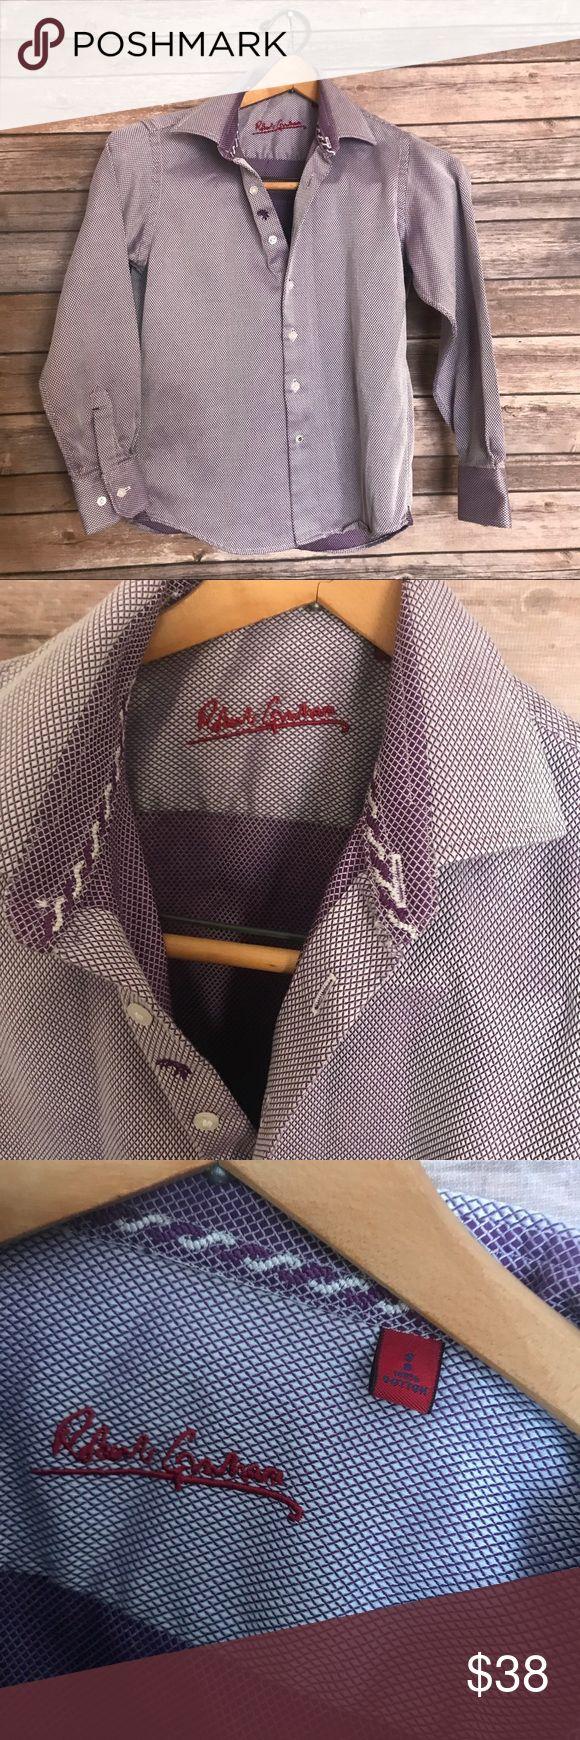 Robert Graham purple button down blouse shirt Robert Graham purple button down blouse shirt Robert Graham Tops Button Down Shirts